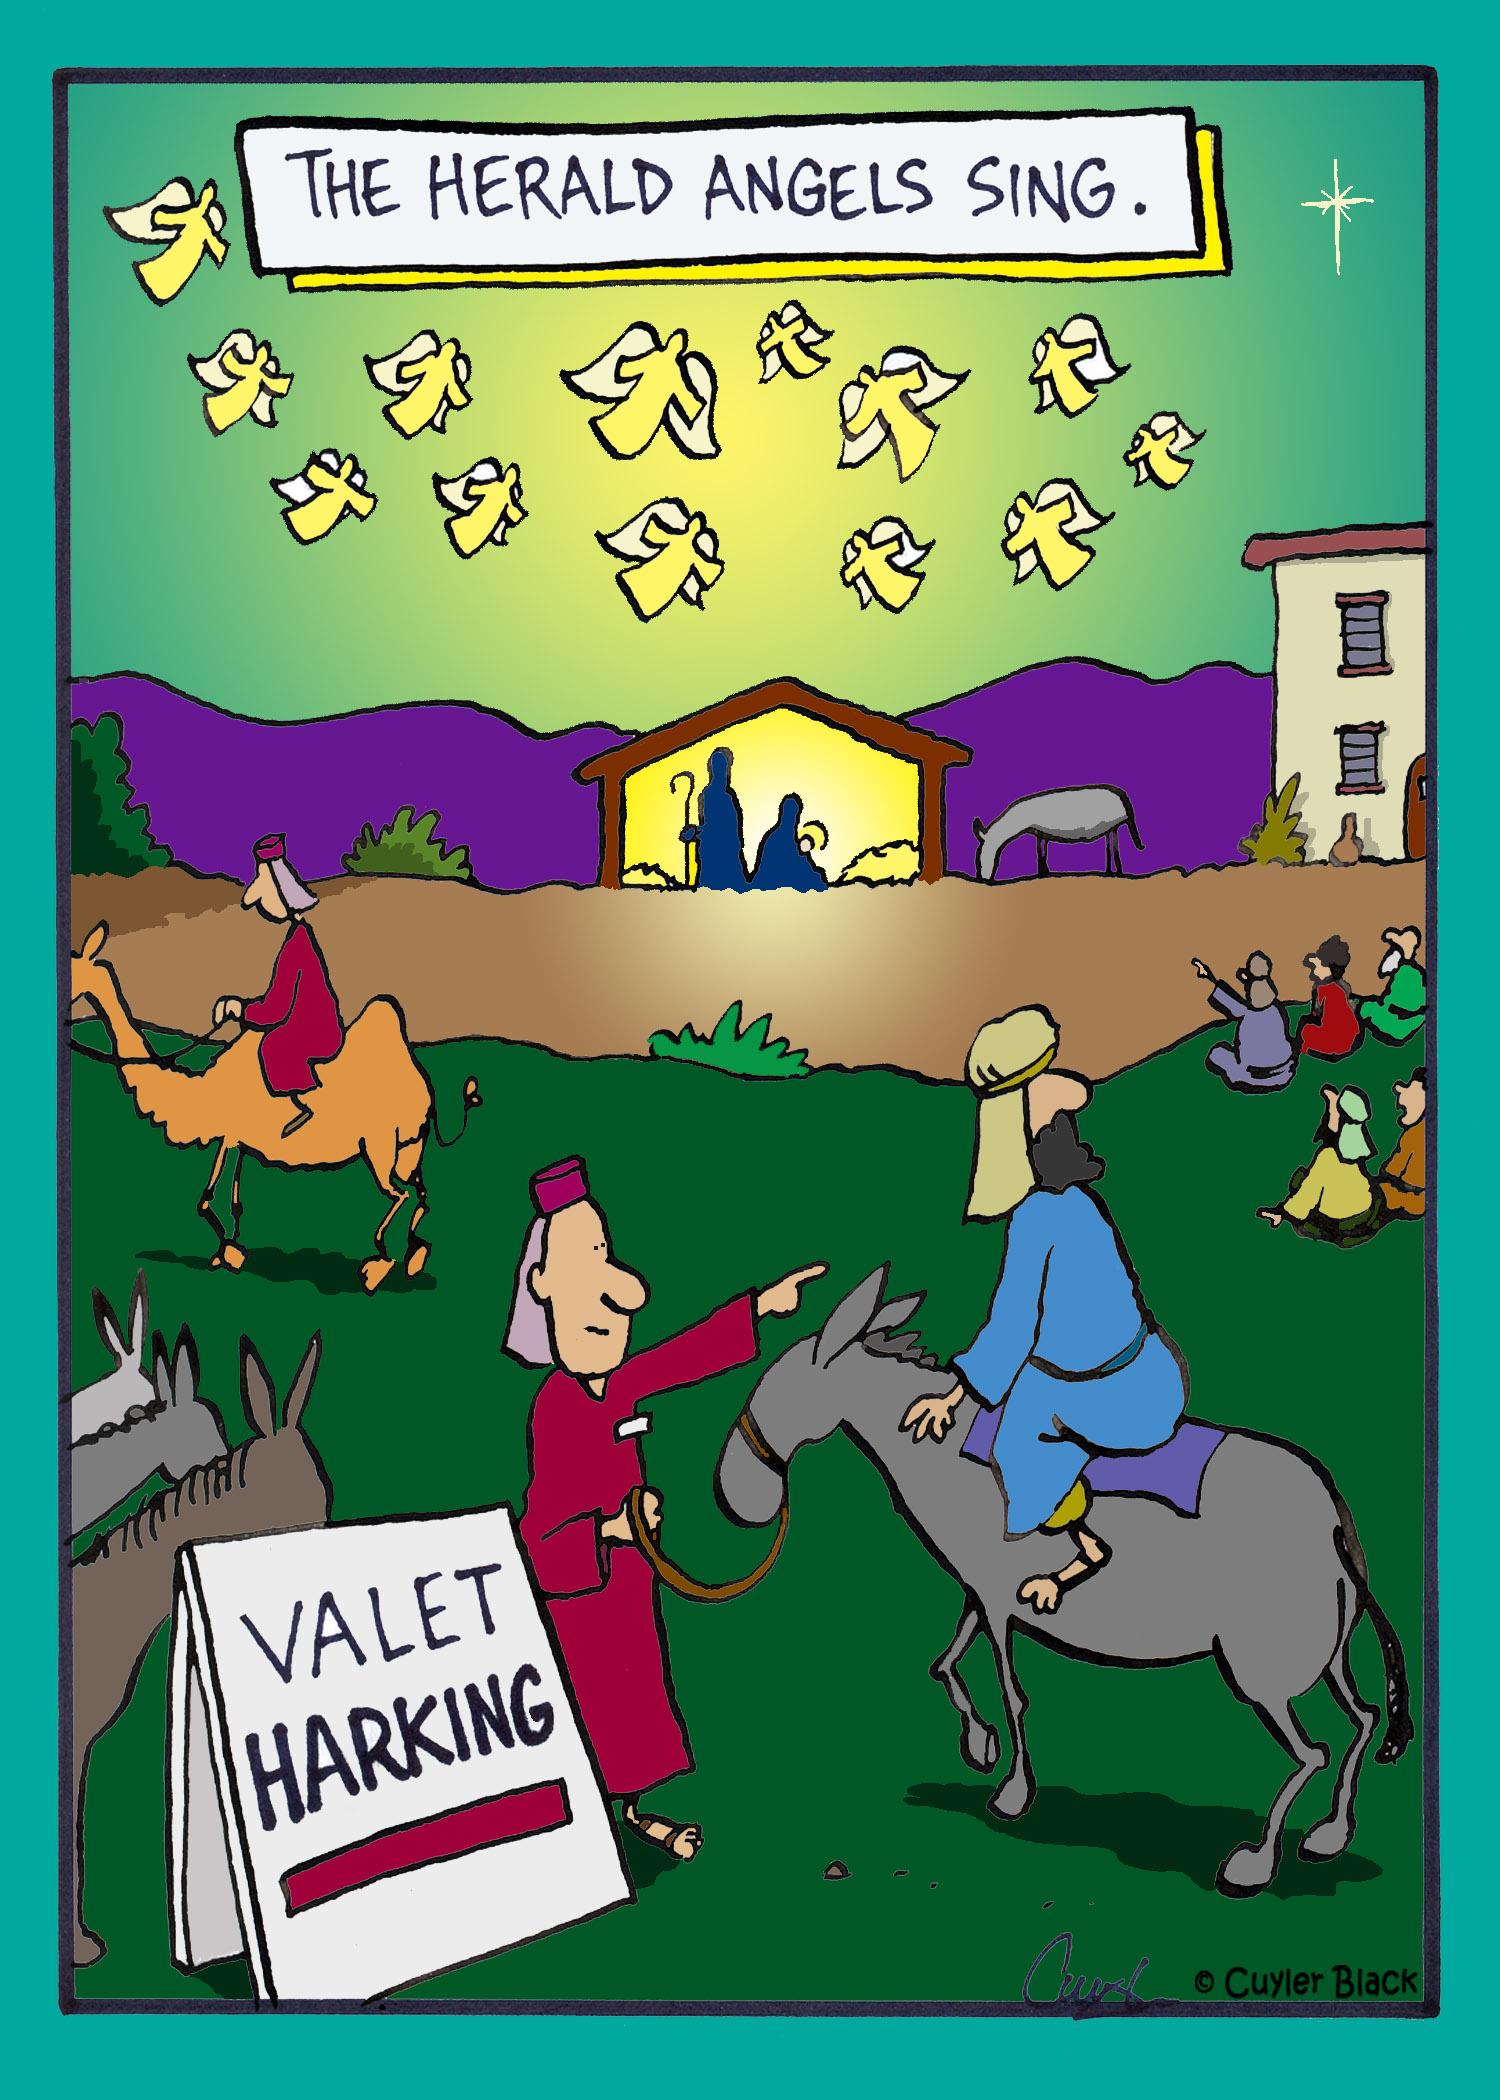 valet harking.jpg